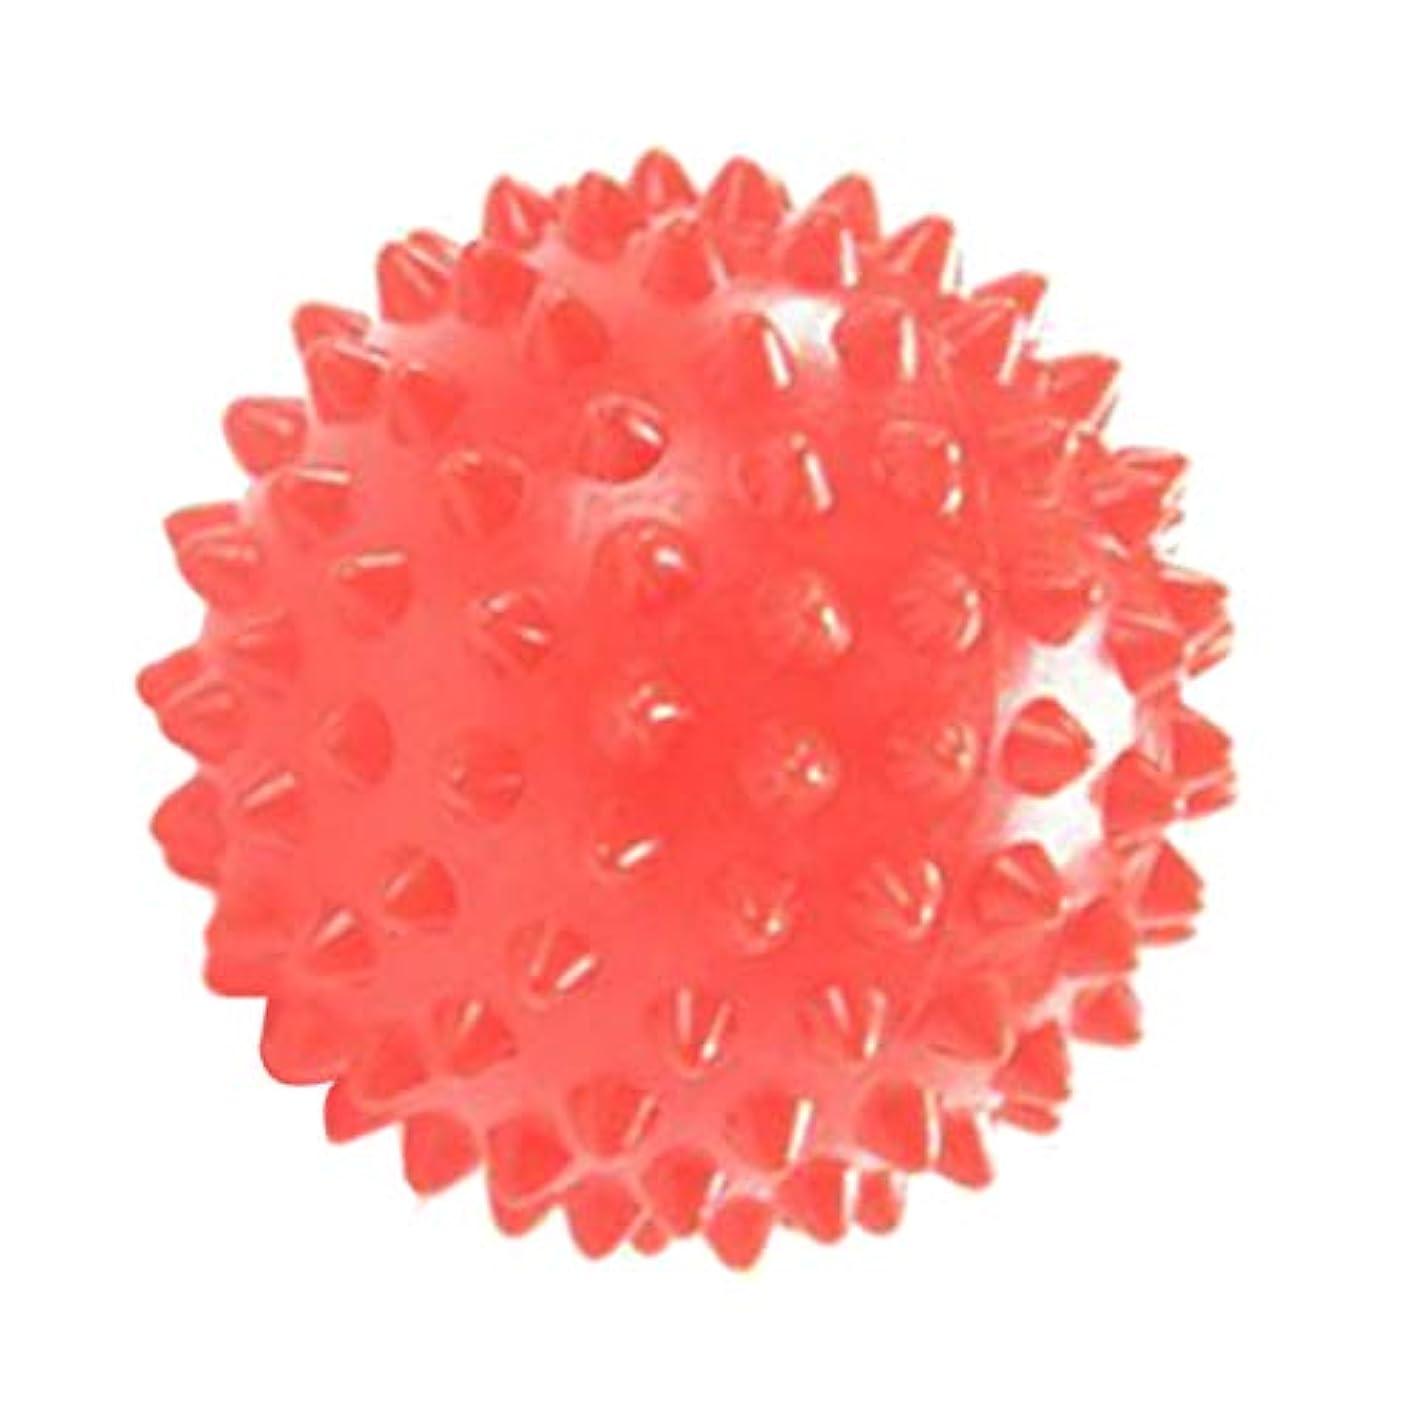 sharprepublic 指圧マッサージボール ローラーボール マッサージローラー トリガーポイント 疲労軽減 痛み緩和